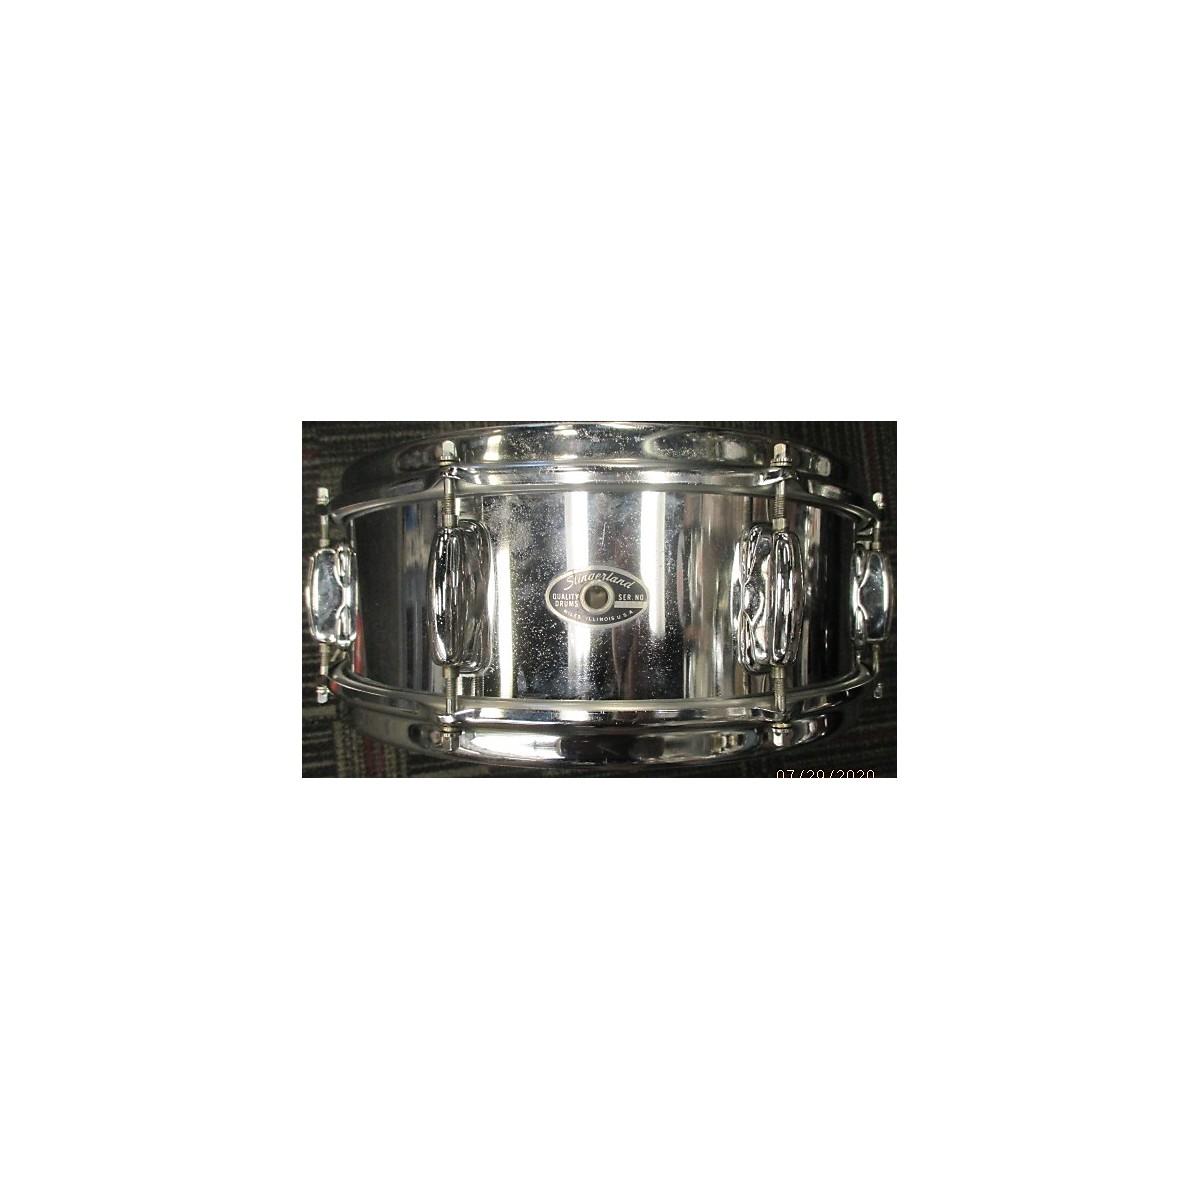 Slingerland 1970s 5.5X14 Aluminum Drum